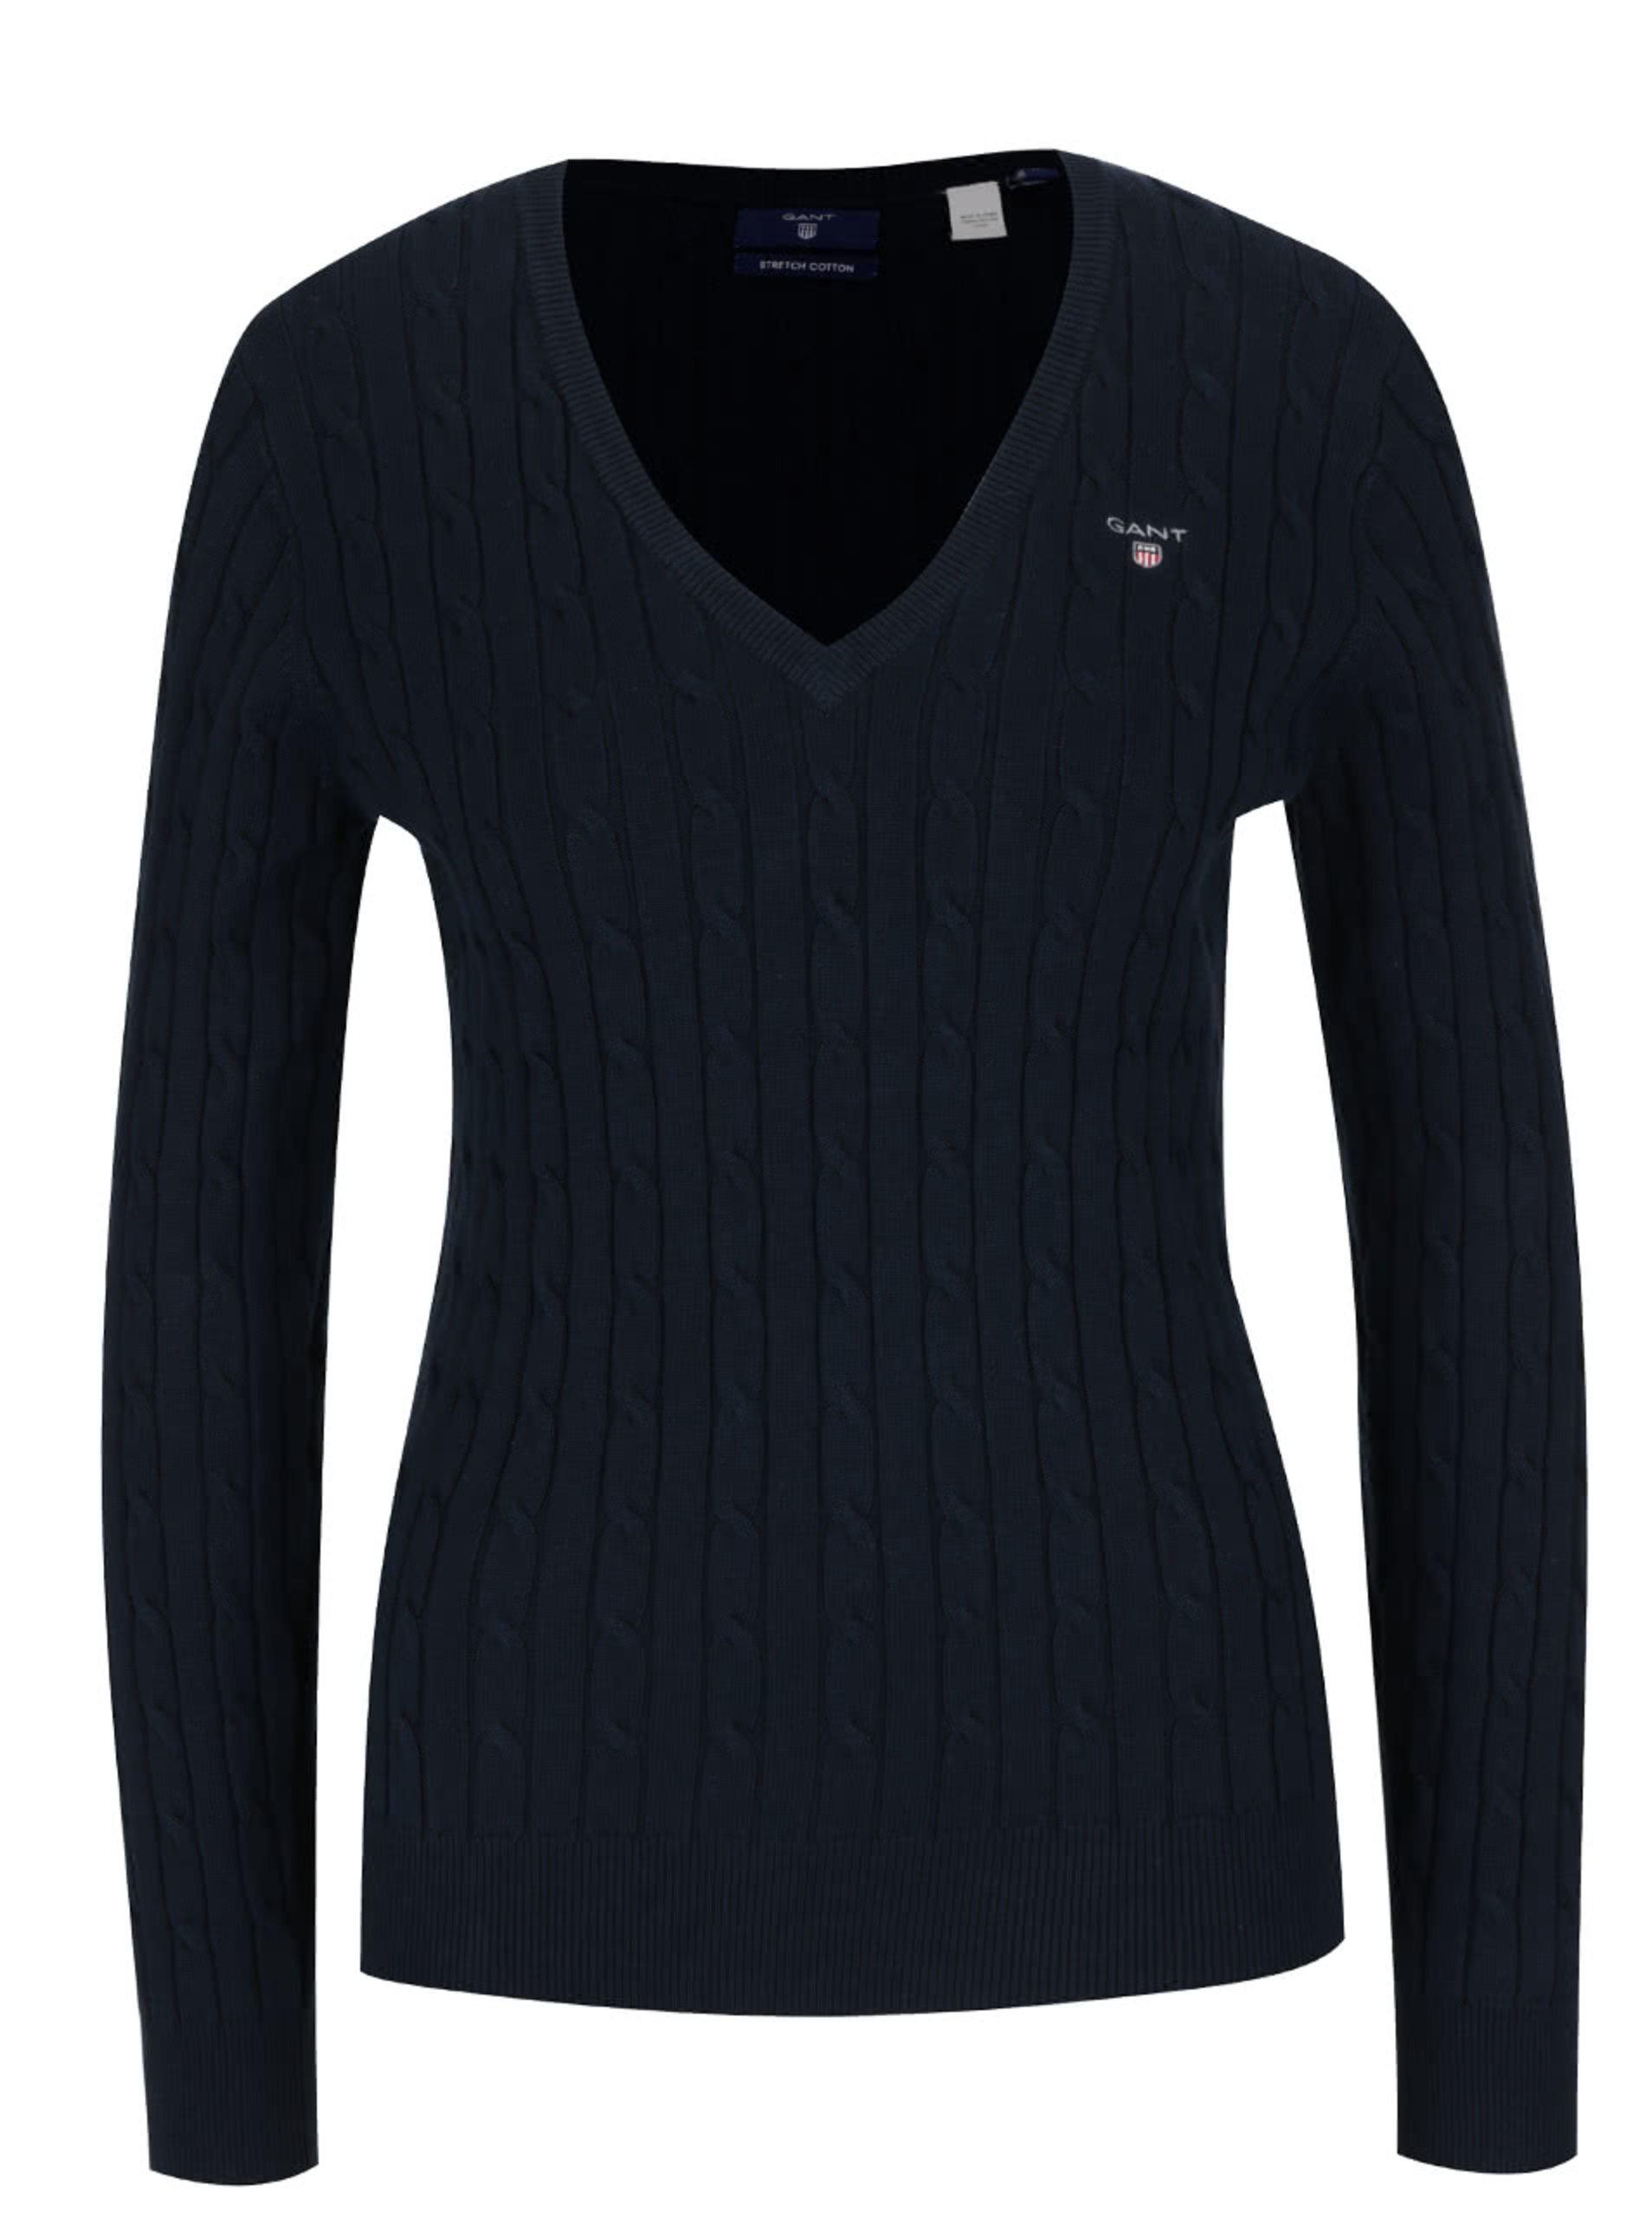 Fotografie Modrý dámský svetr s copánkovým vzorem GANT